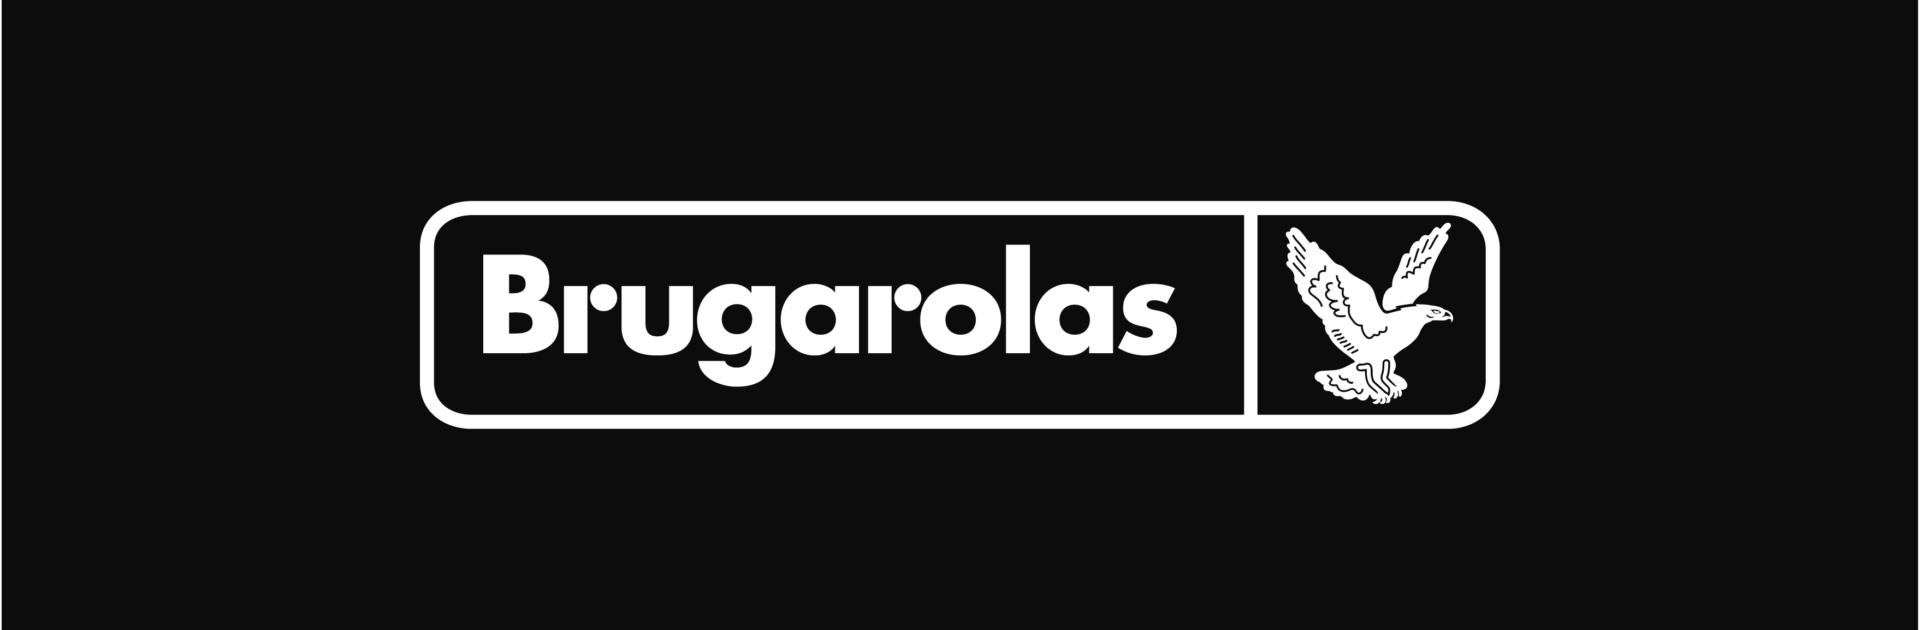 Brugarolas - JJ Supply är återförsäljare i Sverige